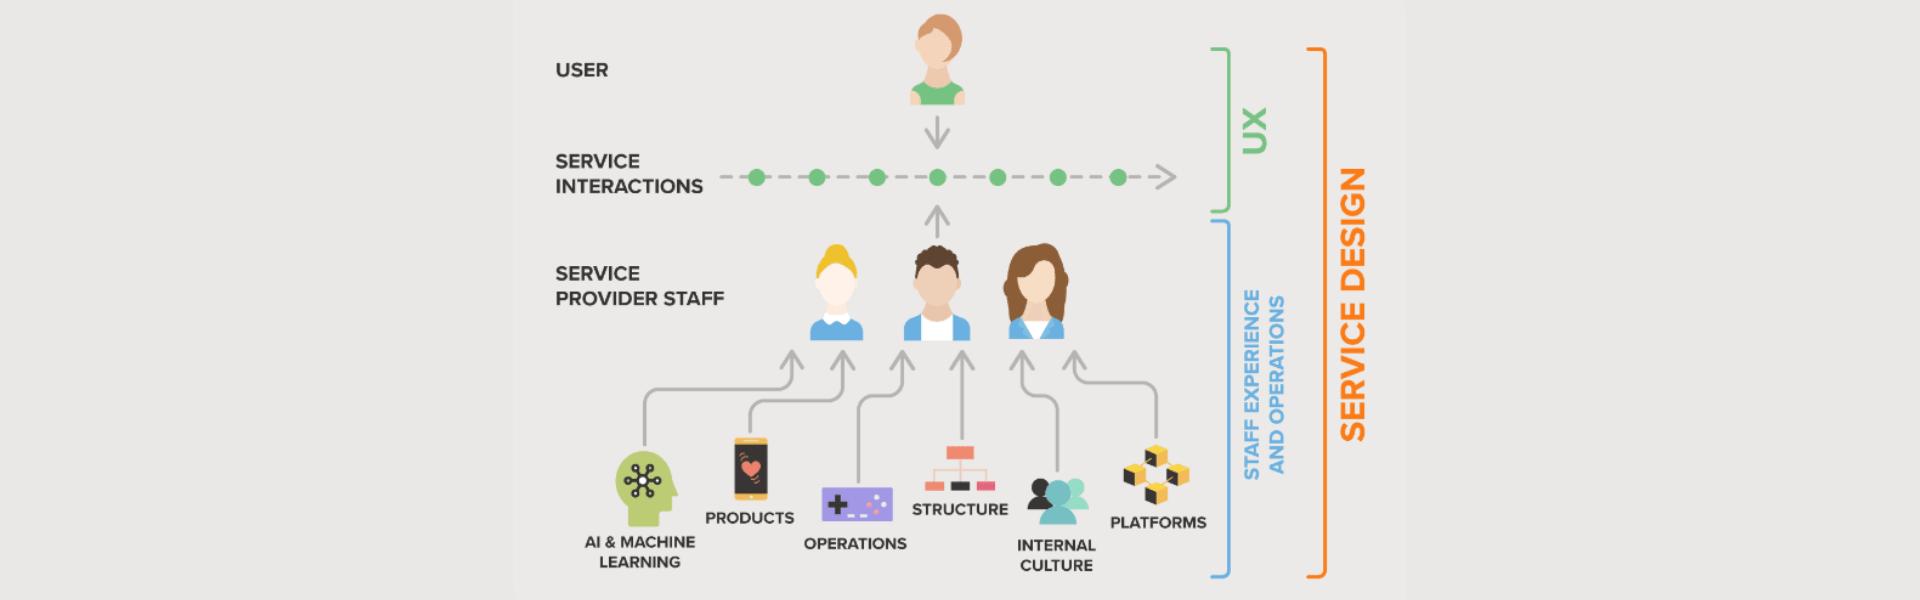 「サービスデザインをめぐる疑問に答える」のアイキャッチ画像